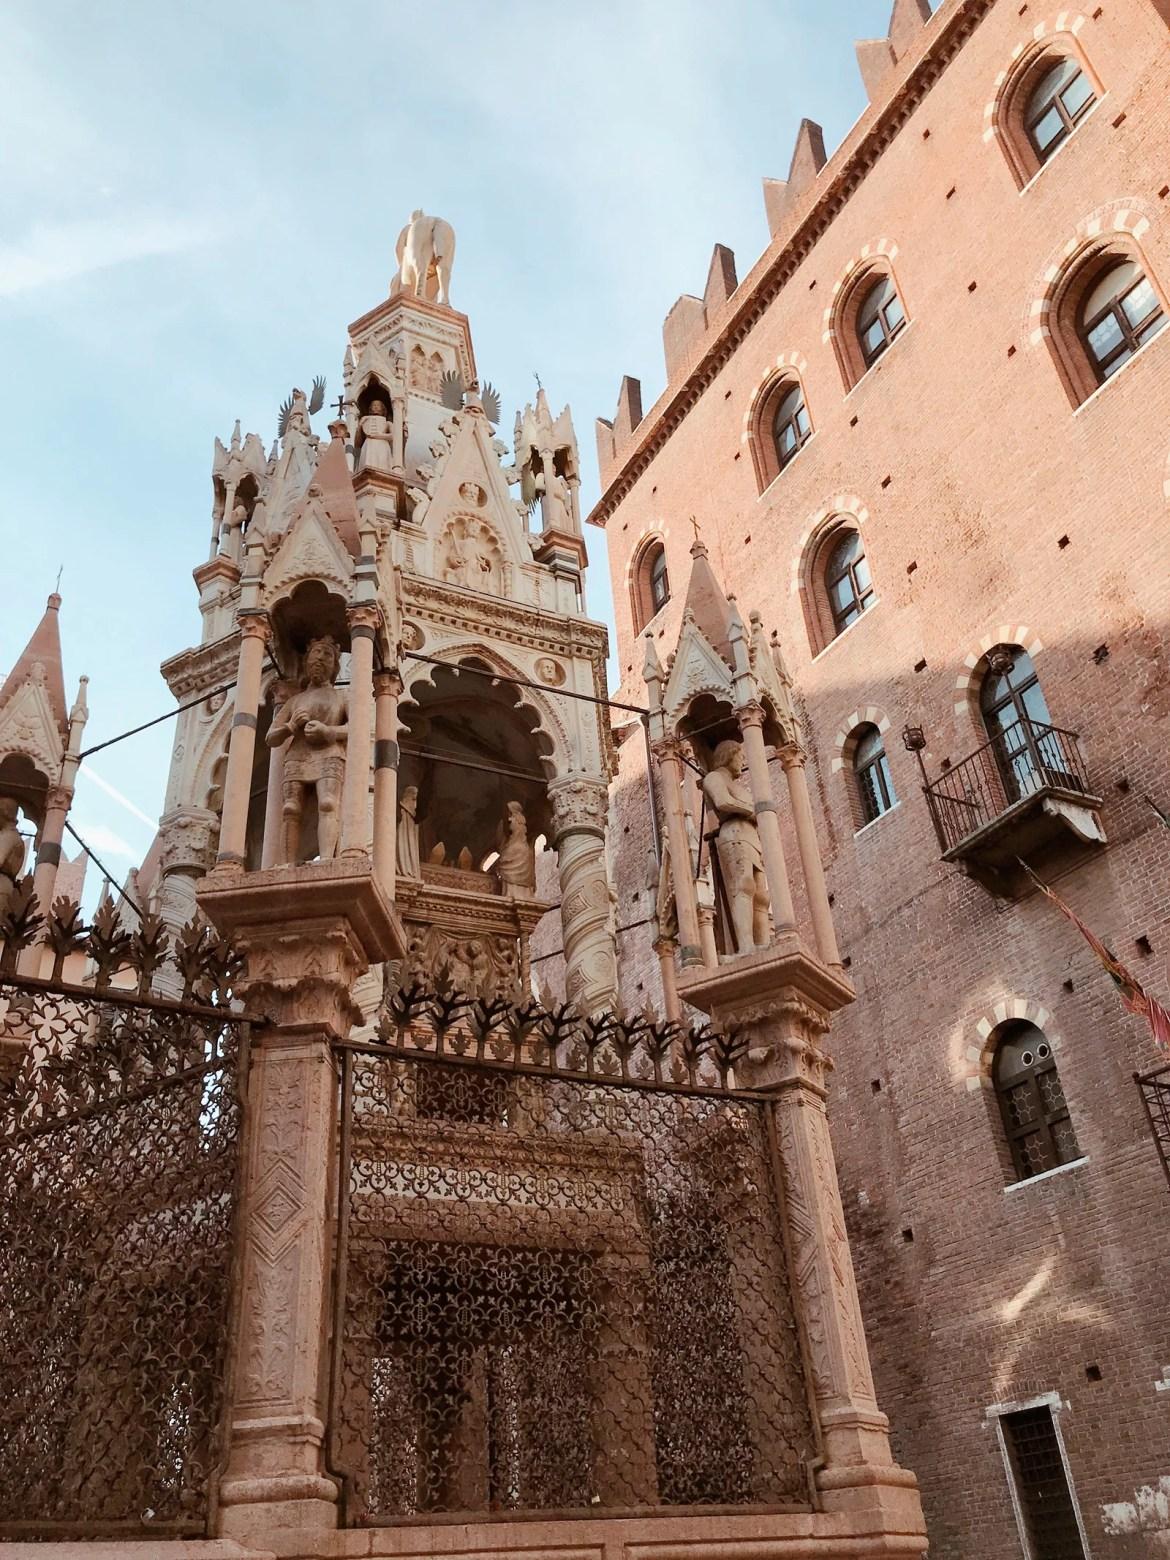 Arquitetura e arte em Verona